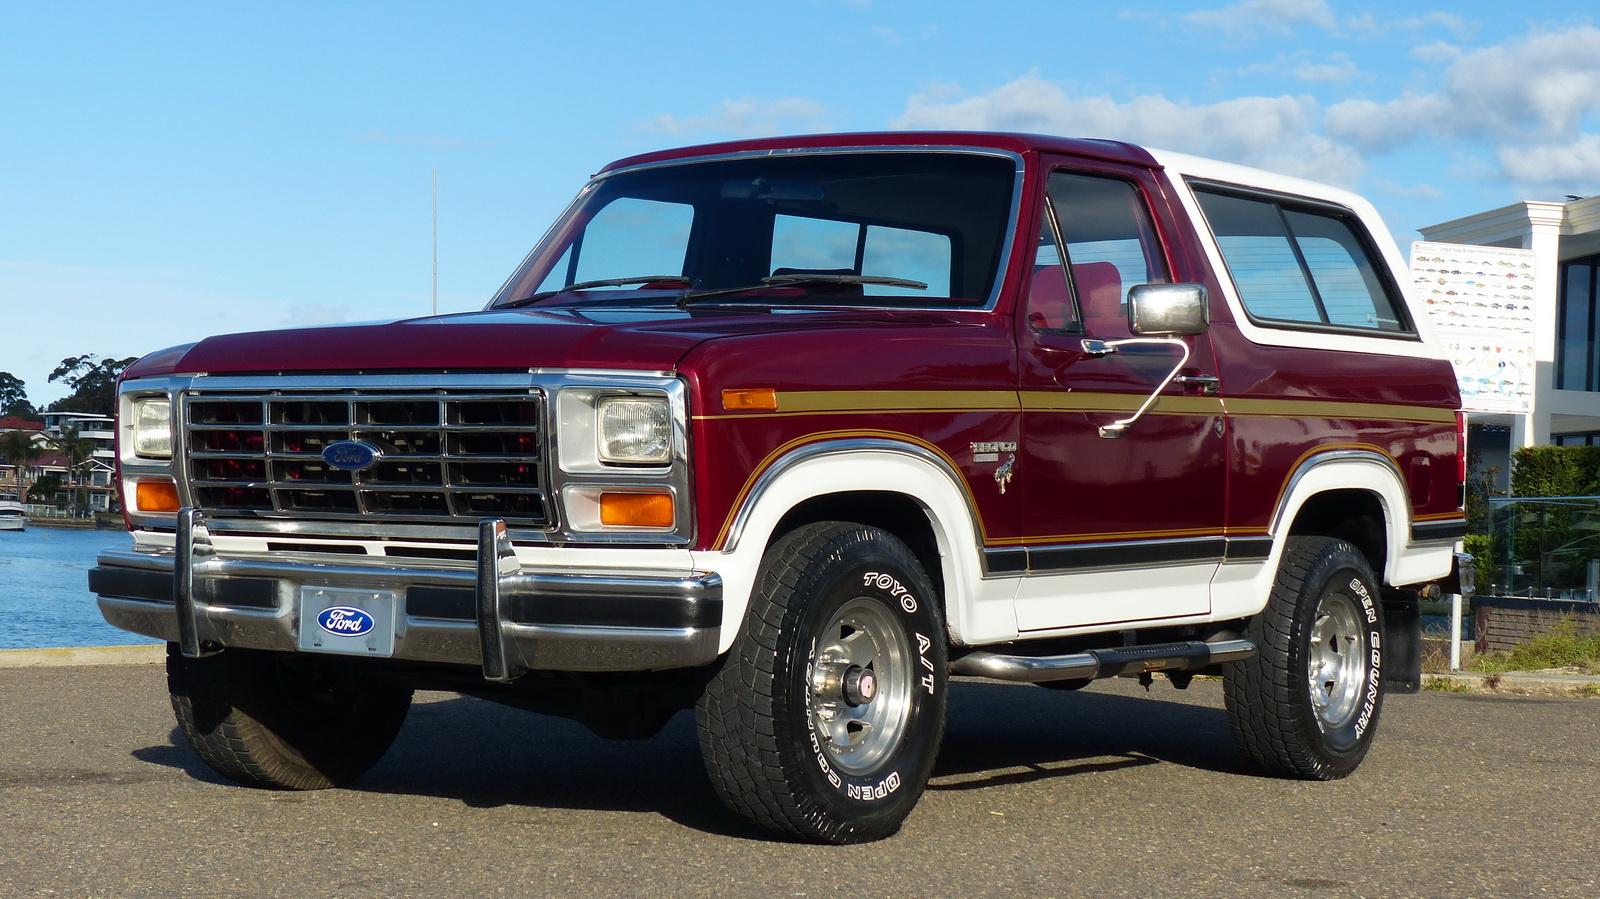 Ford Bronco XLT 4WD XLT Automatic Wagon